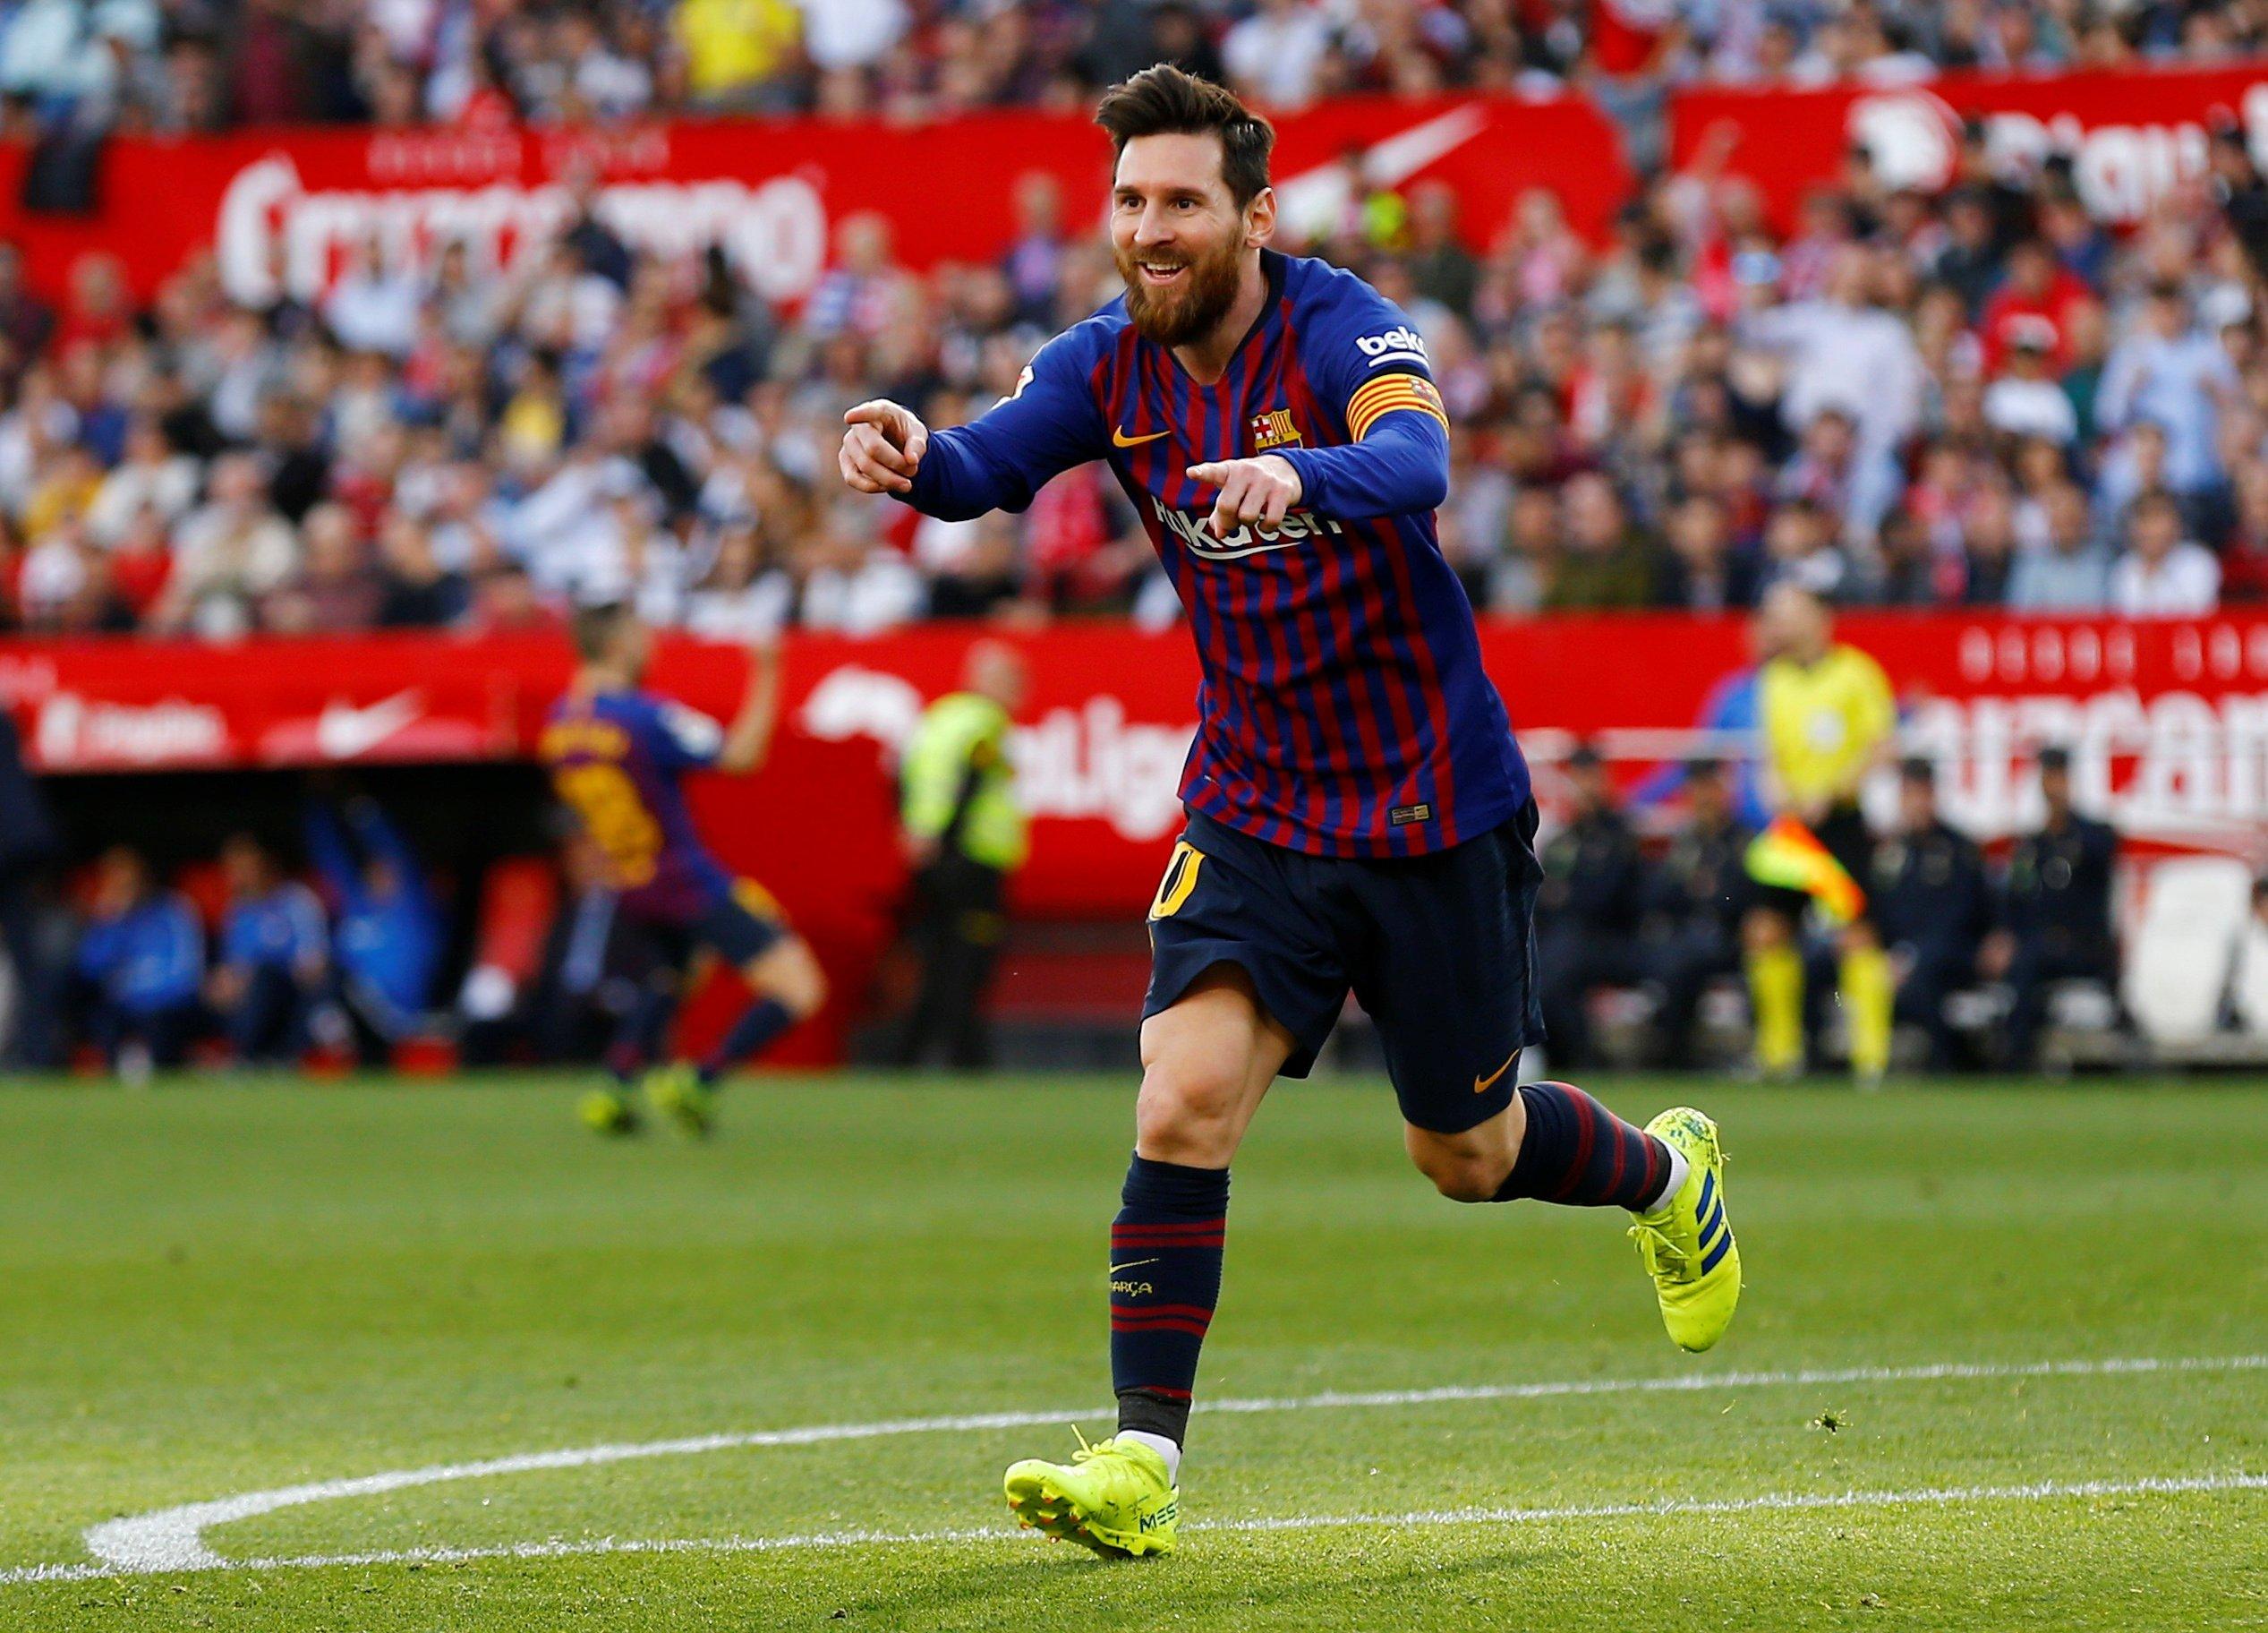 梅西在巴萨几号_足球——西甲:巴萨胜塞维利亚_巴塞罗那队